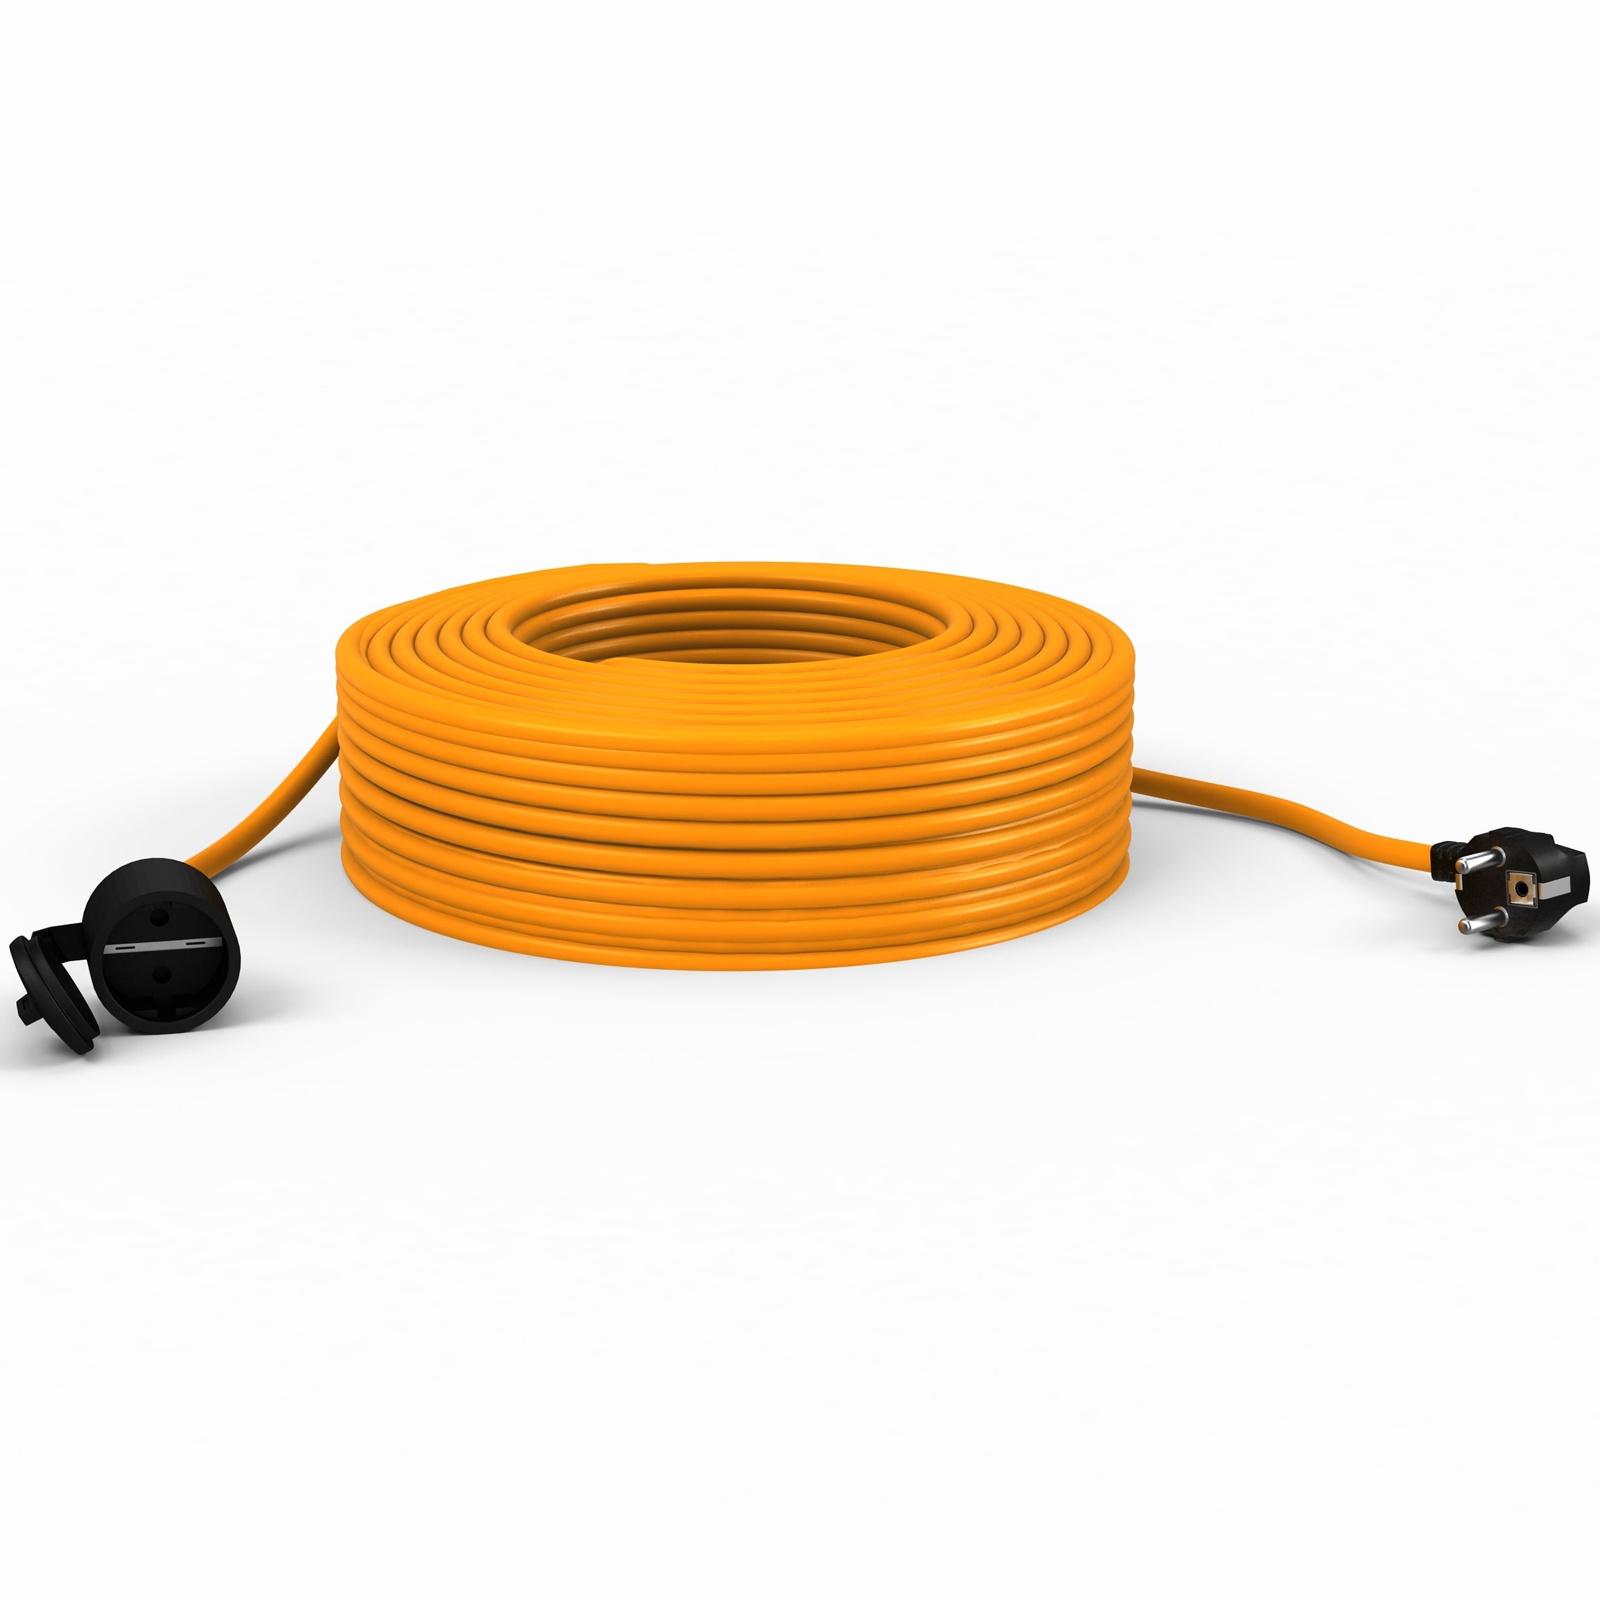 Удлинитель Партнер-Электро ПВС 2х1 ГОСТ,10A,40 метров,IP 44., оранжевый